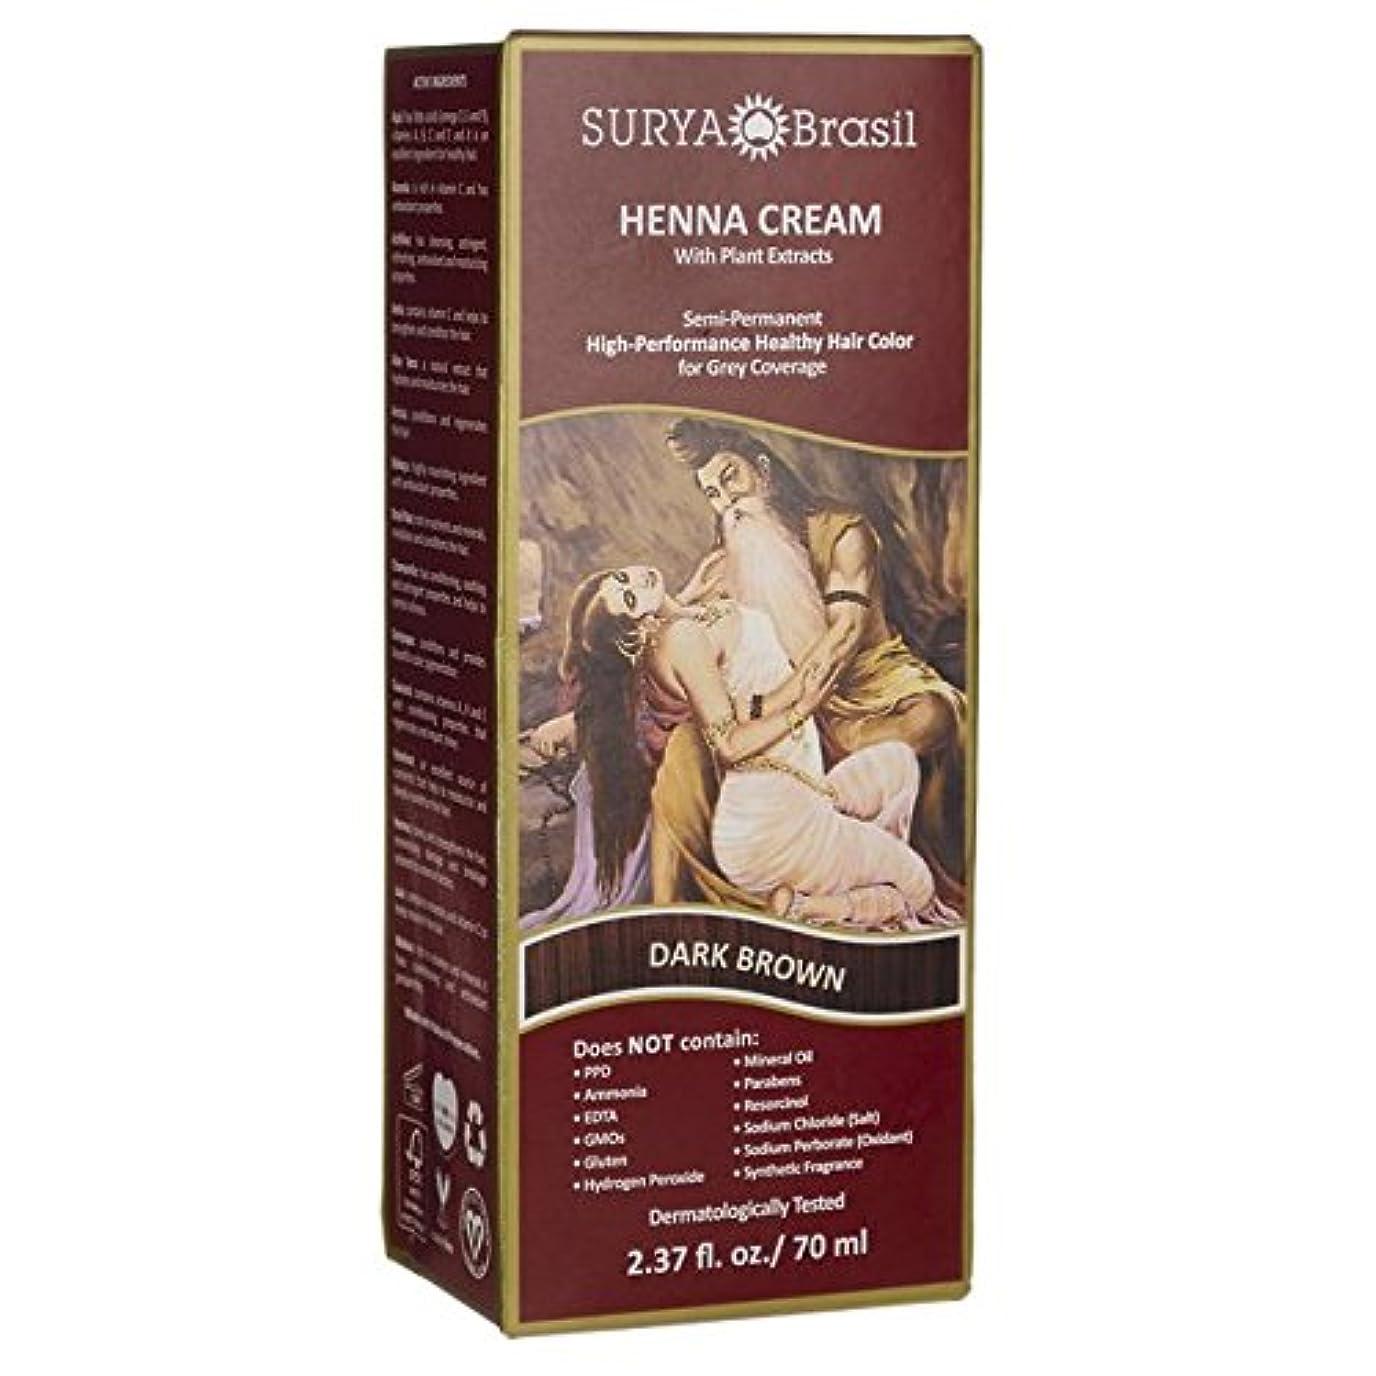 あまりにも小人吐き出すSurya Henna Henna Cream High-Performance Healthy Hair Color for Grey Coverage Dark Brown 2 37 fl oz 70 ml